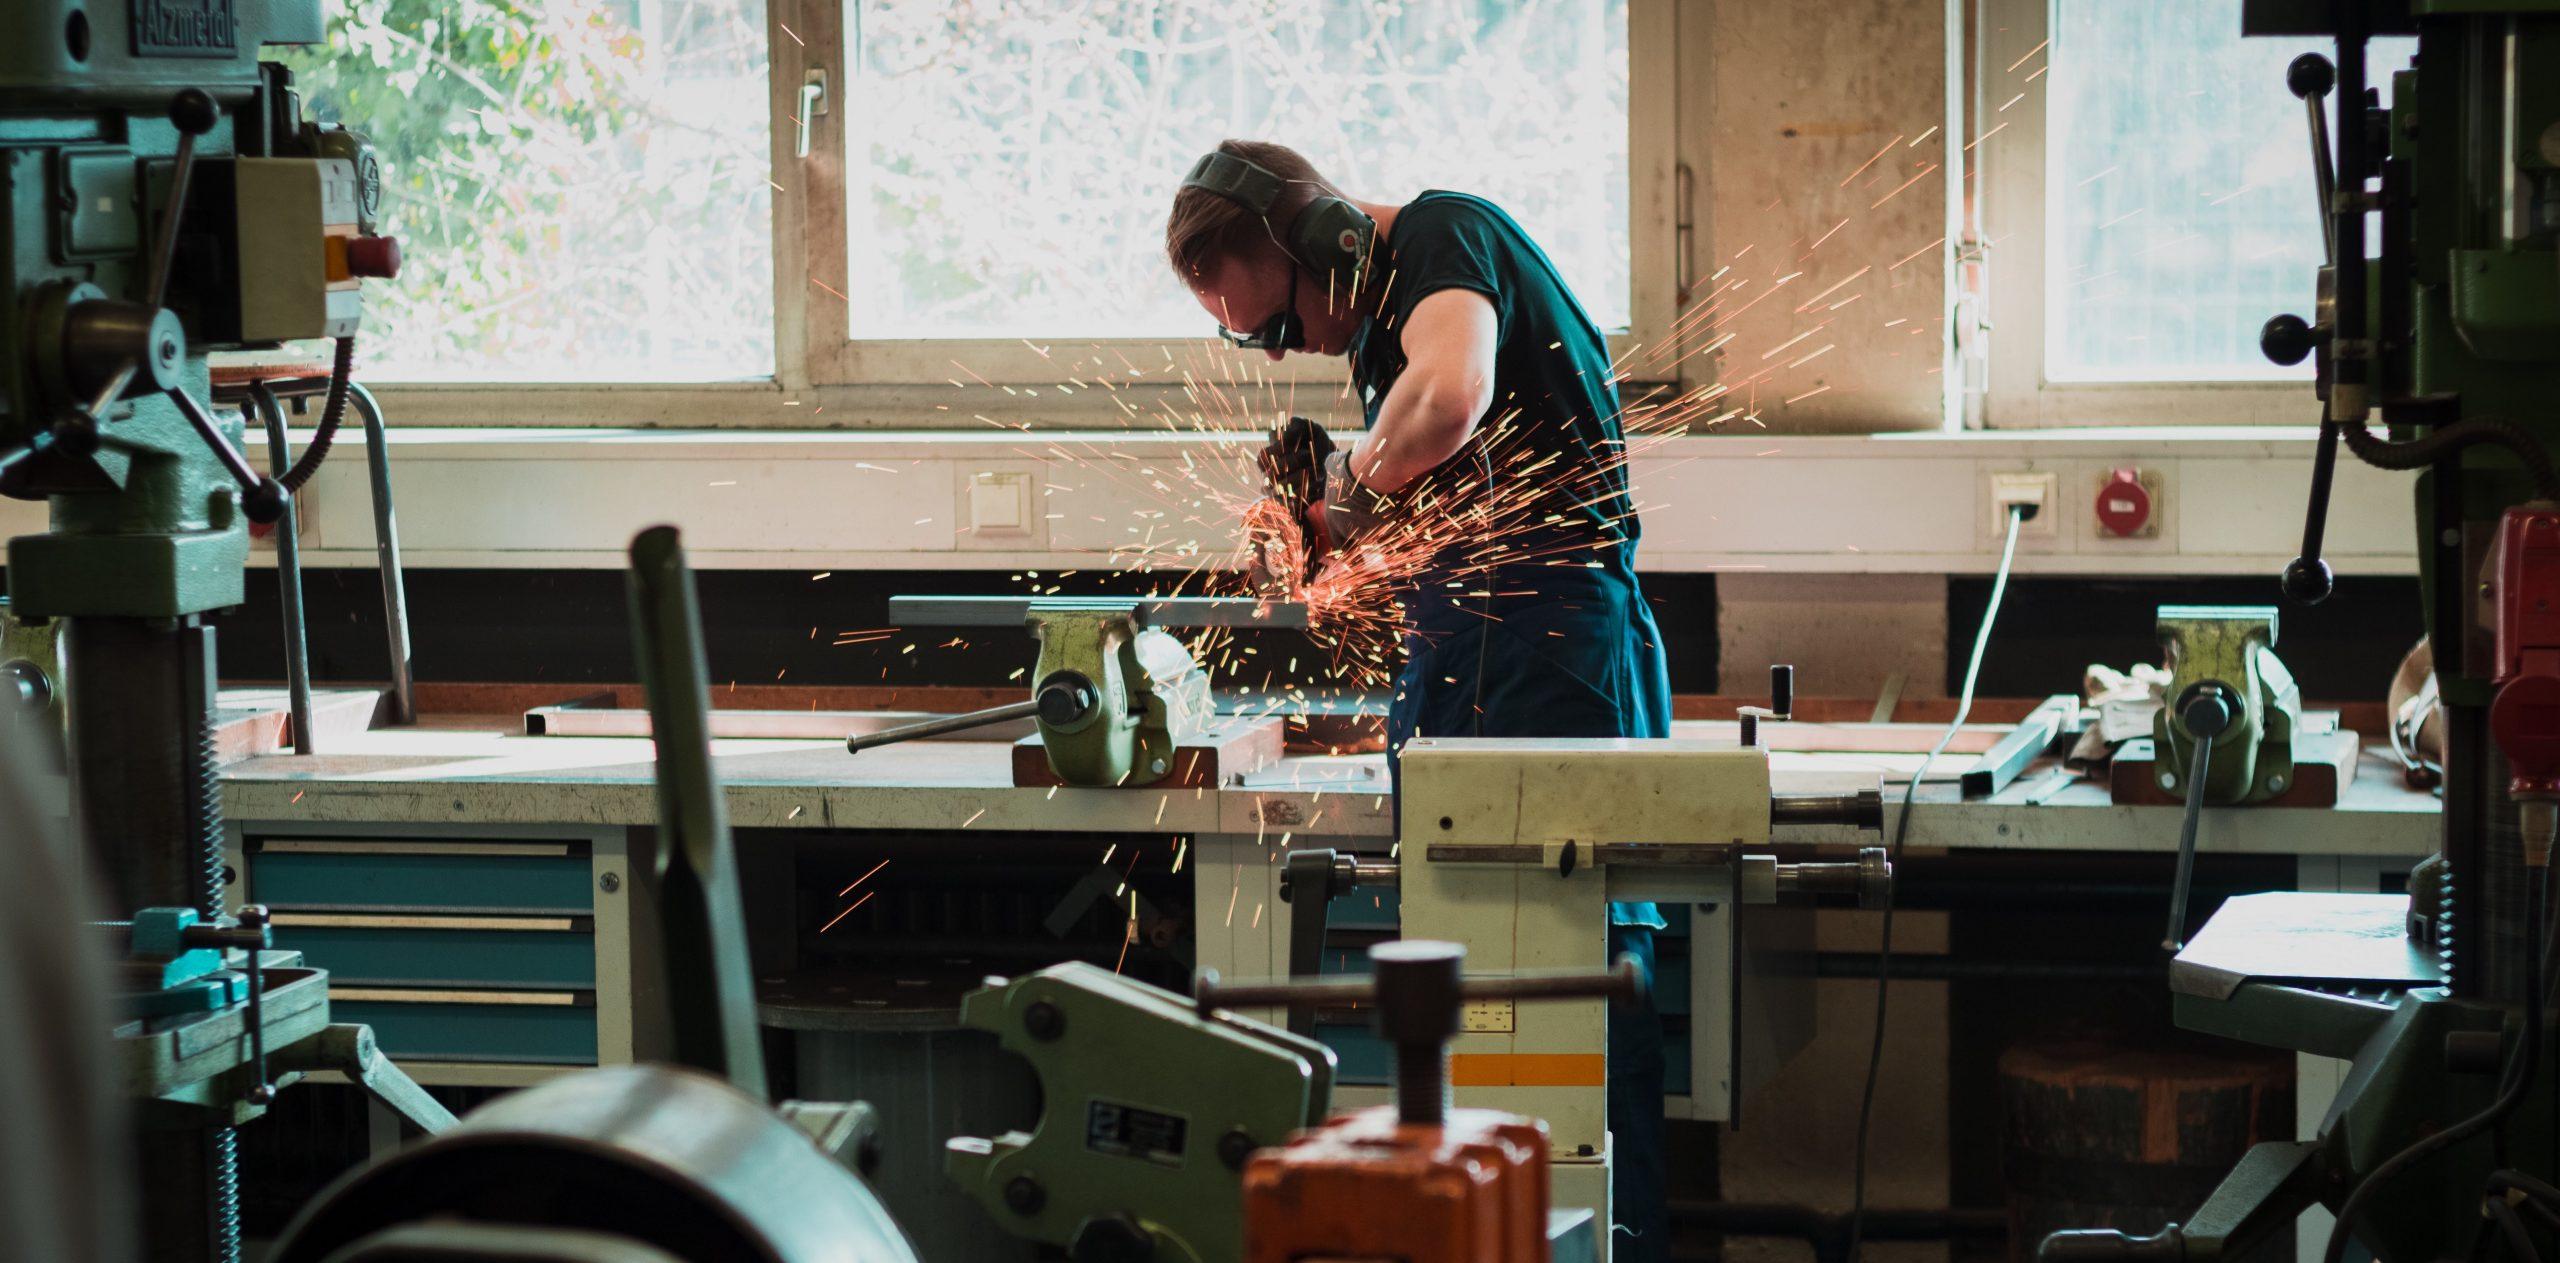 En arbeider jobber på en arbeidsbenk med å kutte stål. Det kommer gnister fra apparatet som brer seg over hele rommet. Mannen har på seg vernebriller.